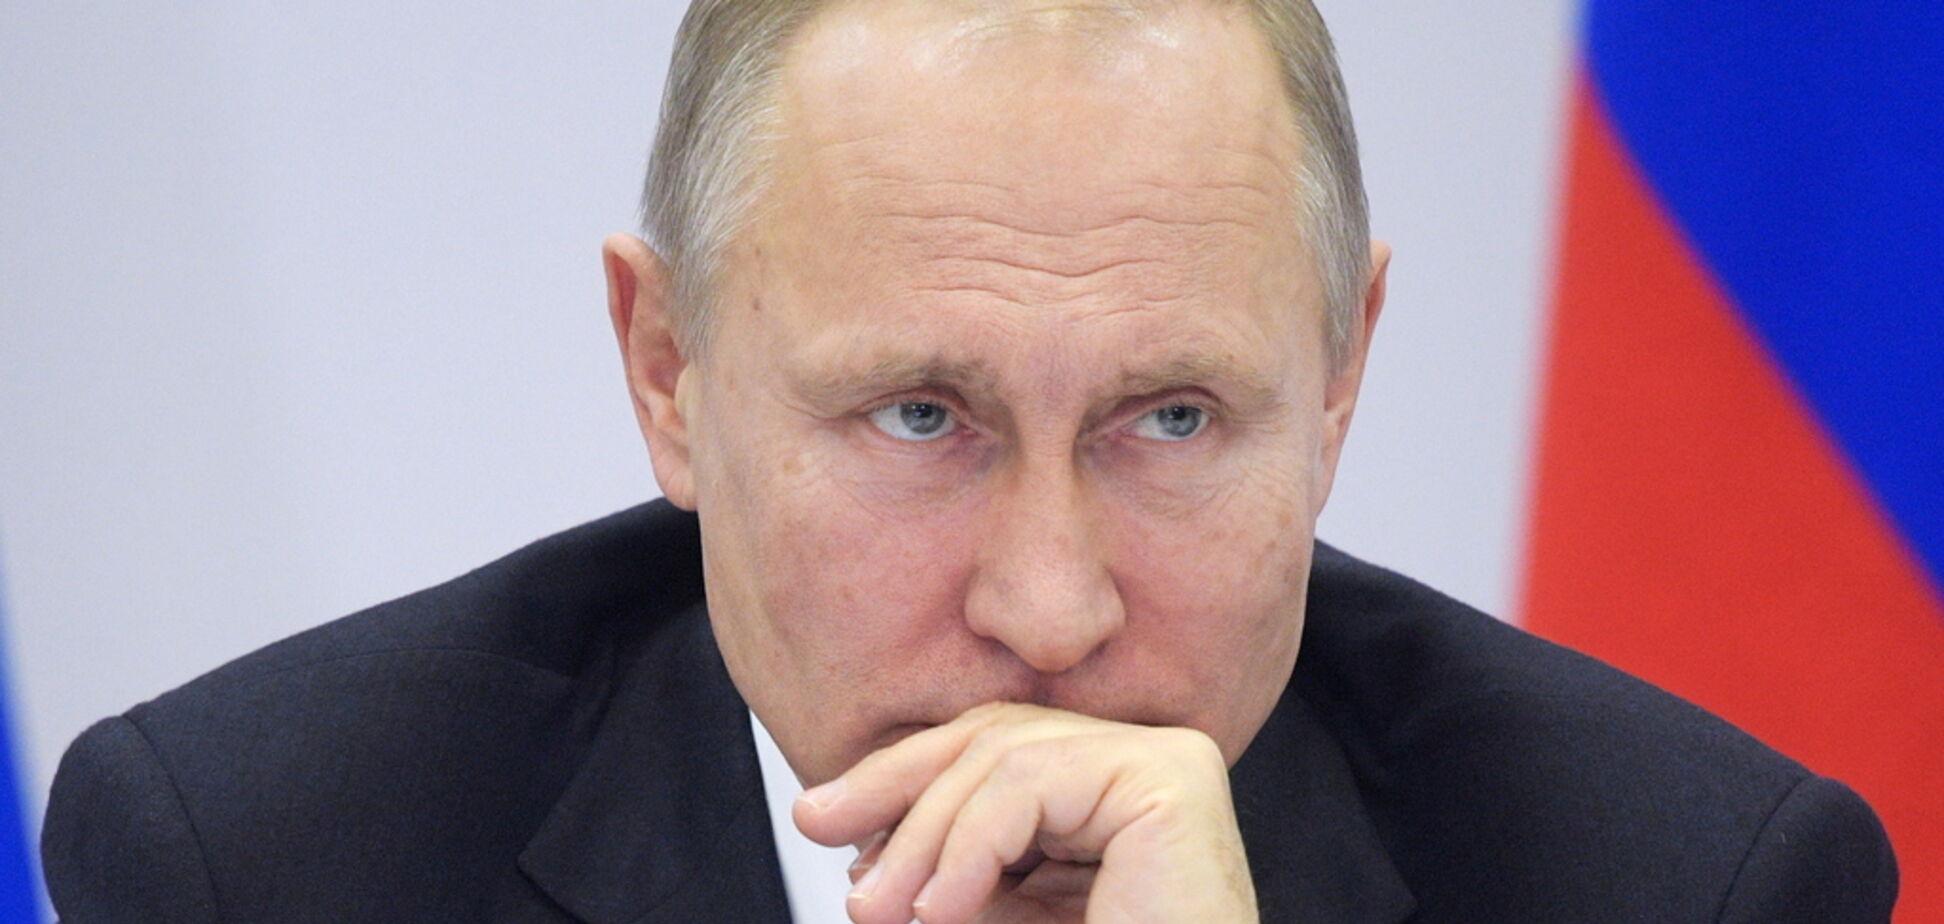 Путіне, врятуй: росіяни в Україні заблагали про допомогу